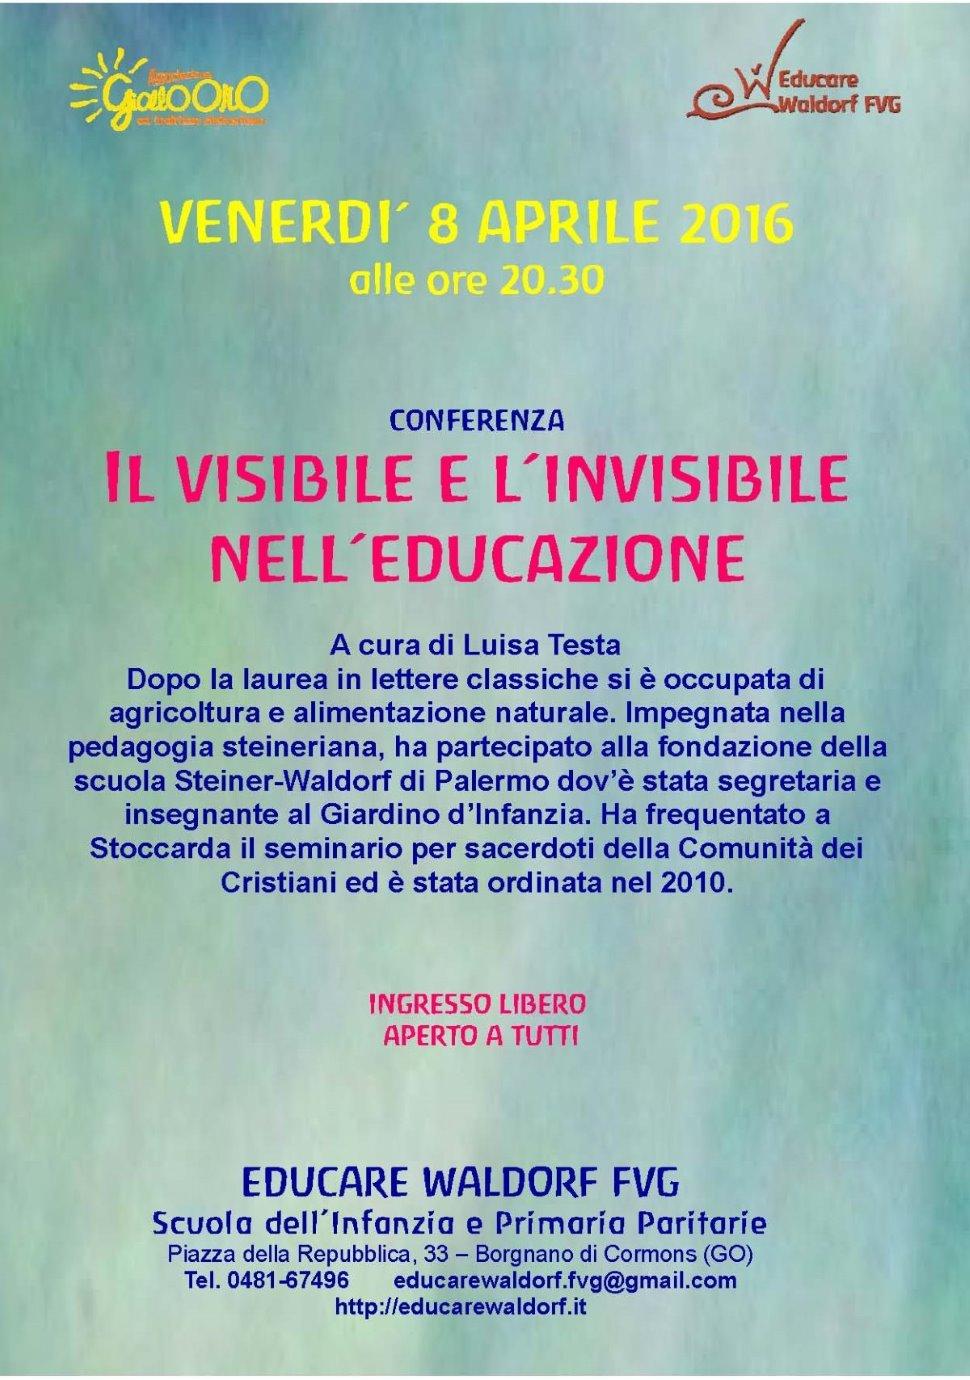 Il VISIBILE e l'INVISIBILE nell'educazione